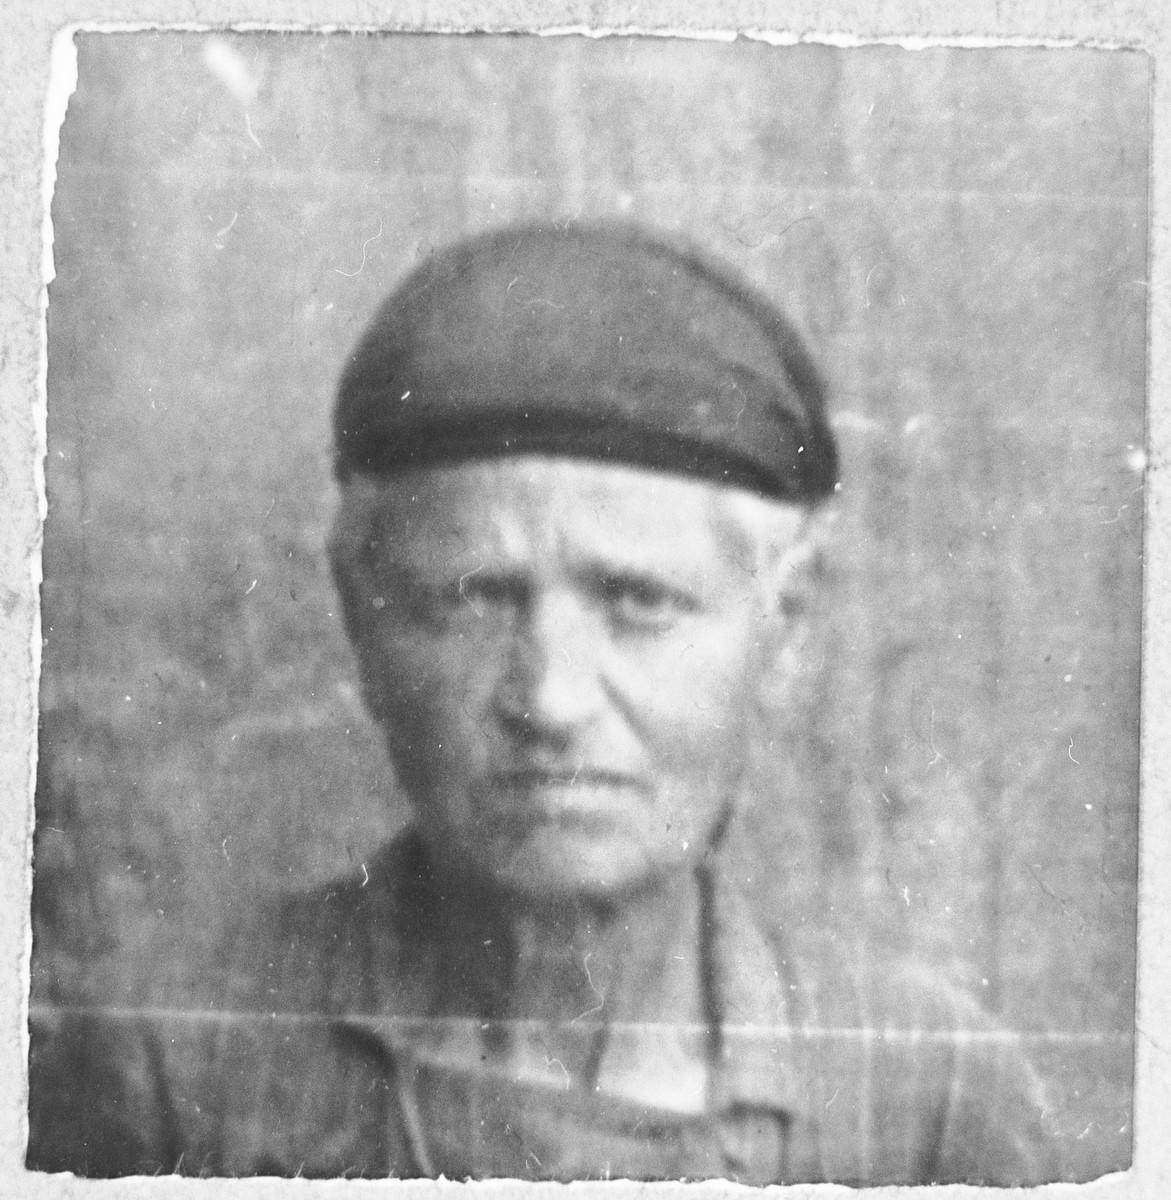 Portrait of Sol Koen, [wife of Yuda Koen].  She lived at Zmayeva 11 in Bitola.